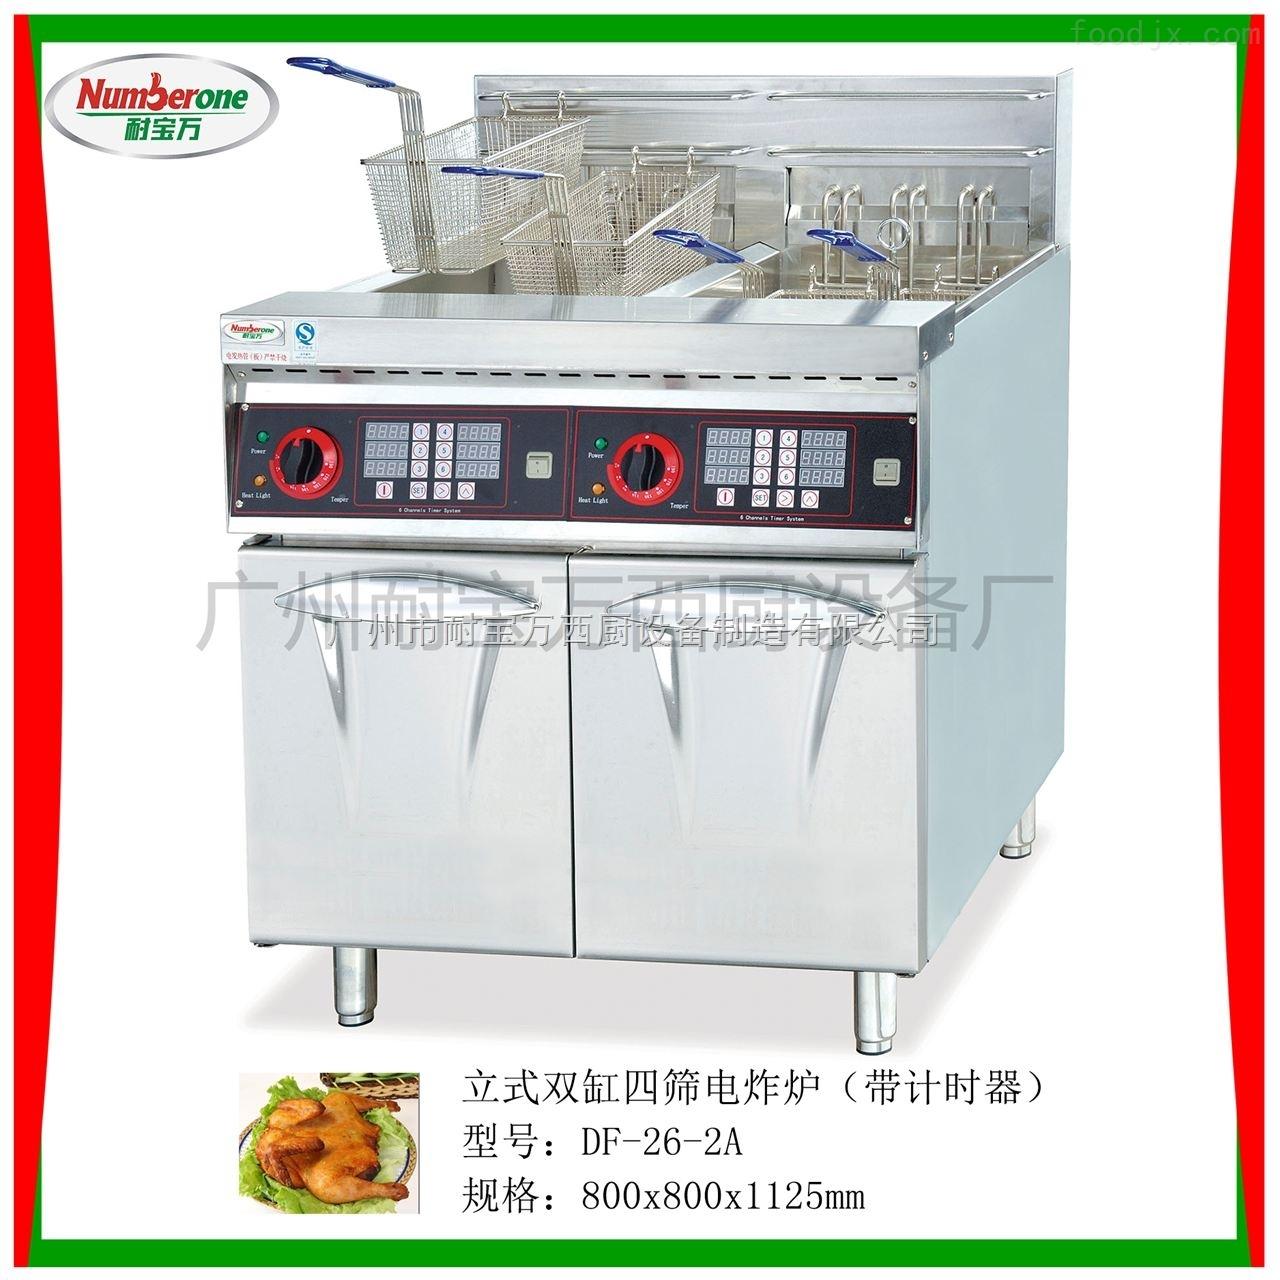 立式双缸四筛电炸炉/油炸锅/西厨设备